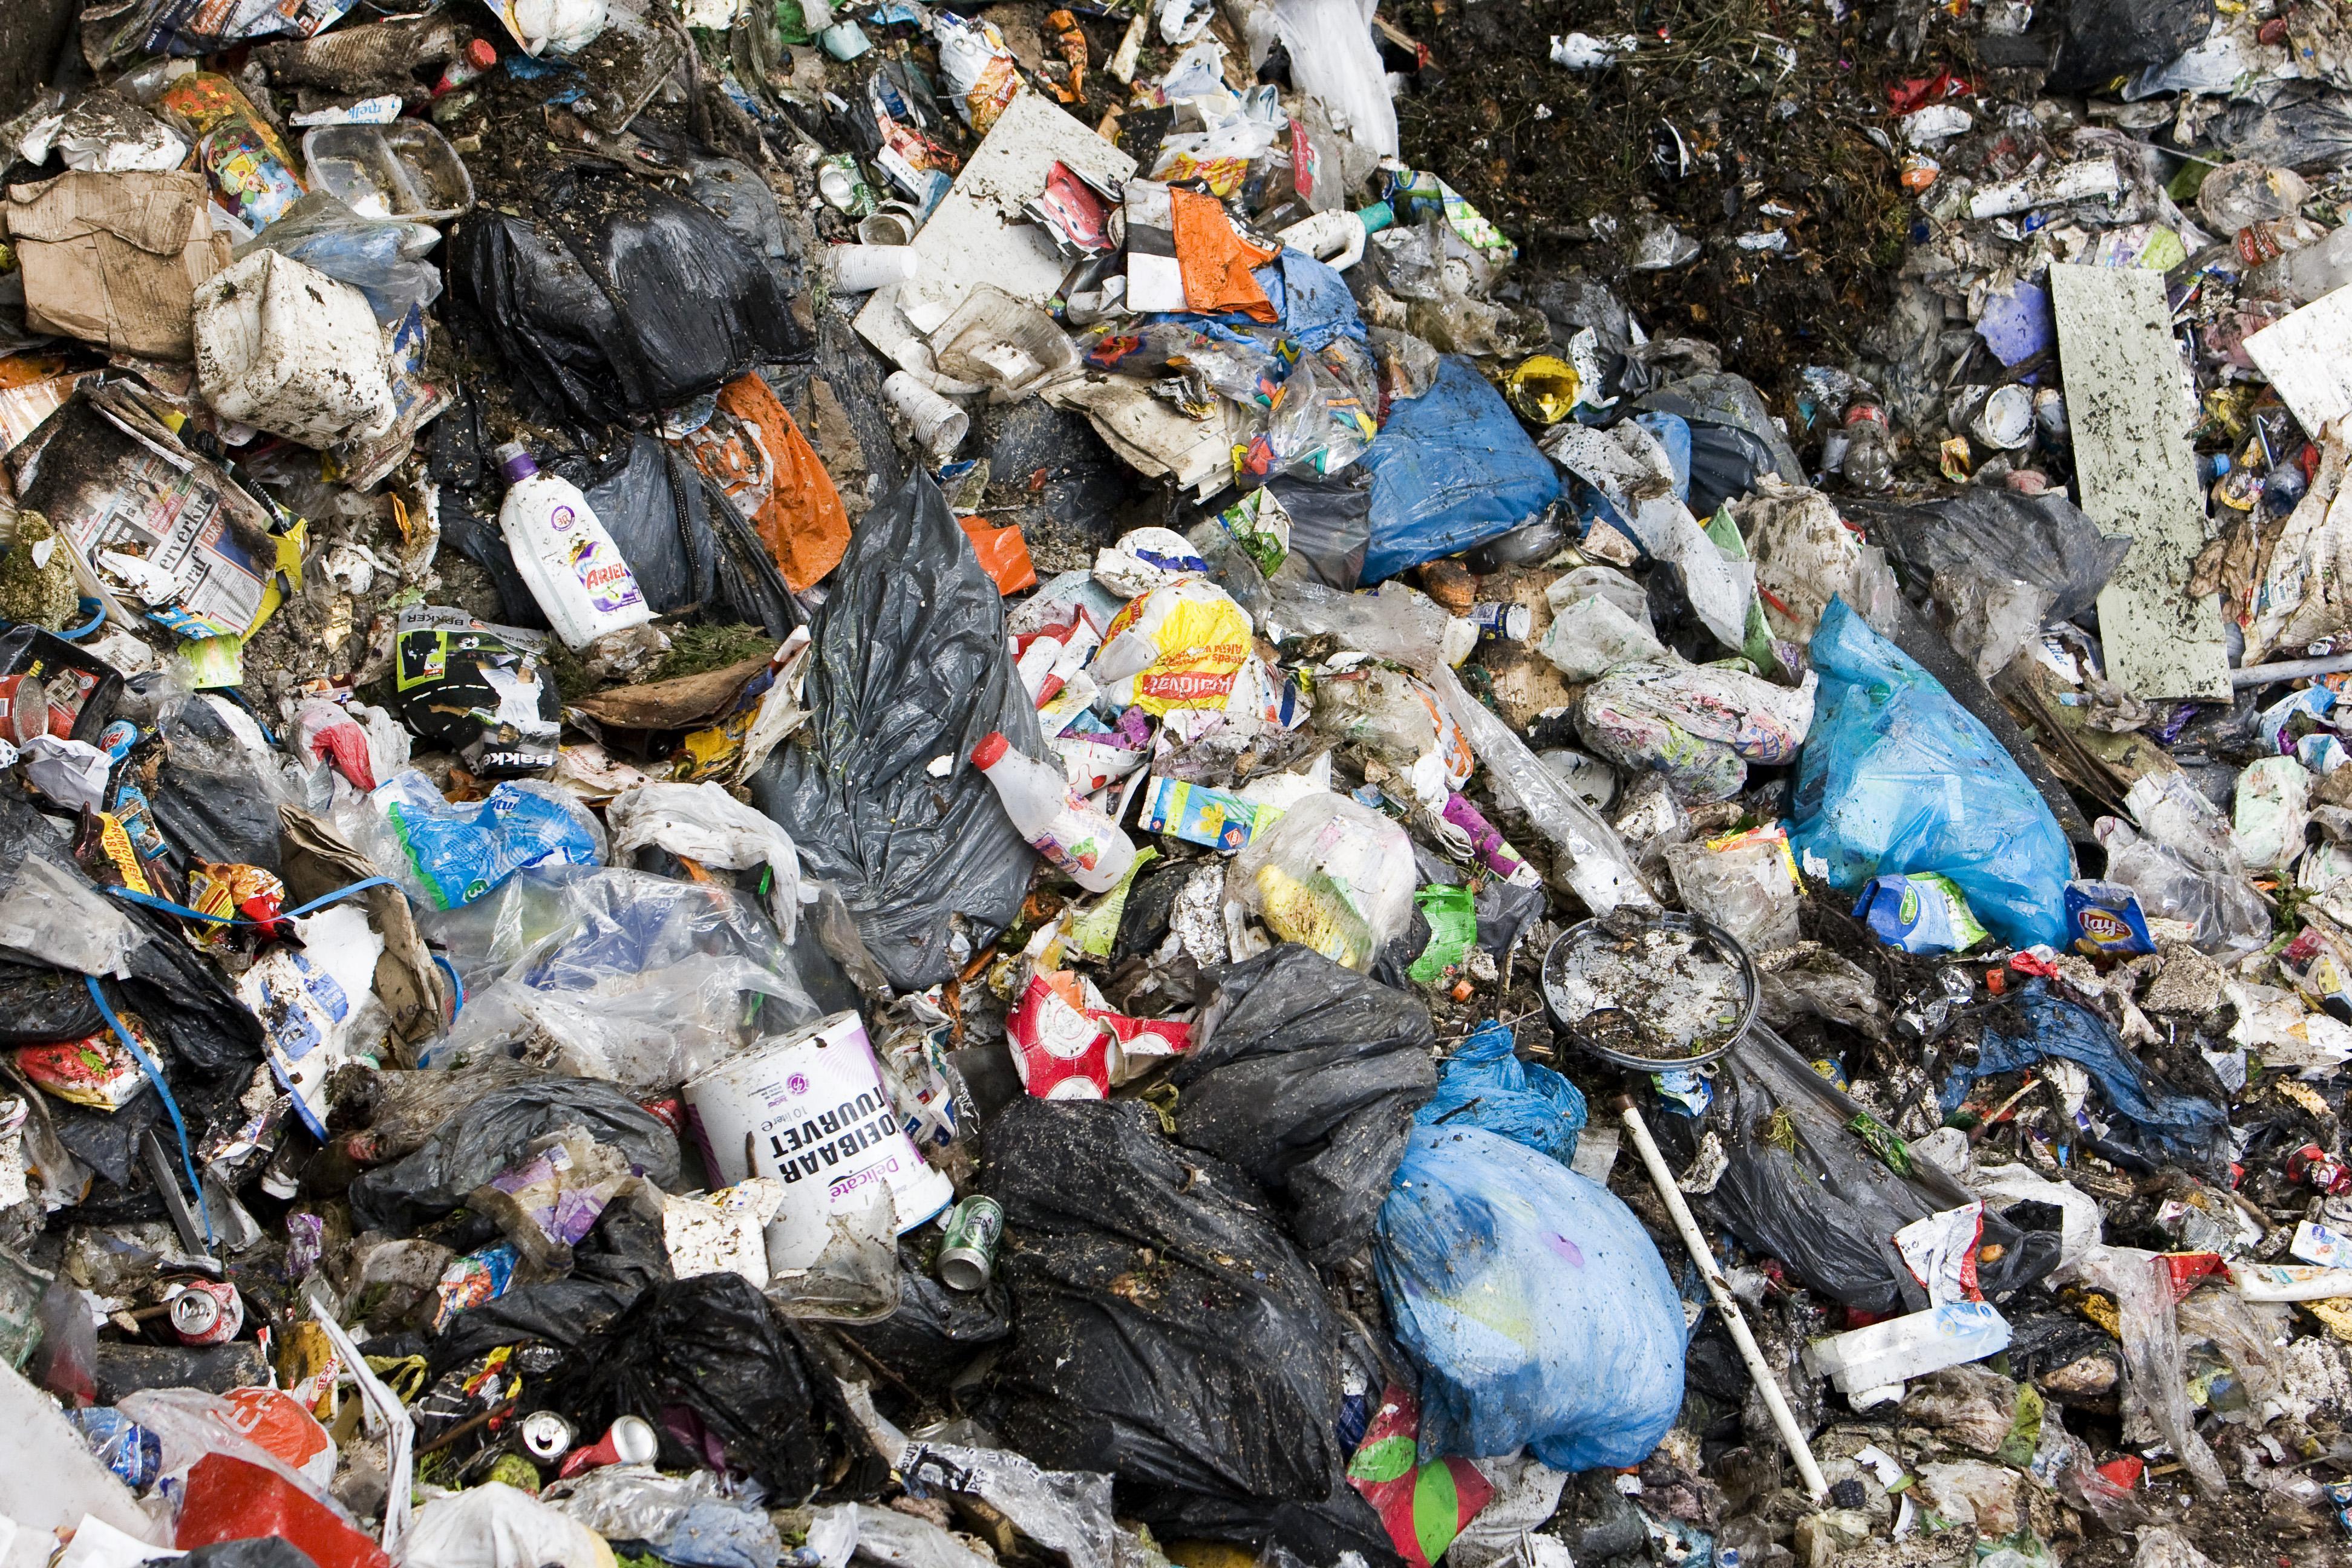 Afvalstoffenheffing stijgt met zestig procent voor deel Baarnaars; bij eenpersoonshuishouden is de stijging veel minder (13,6 procent)